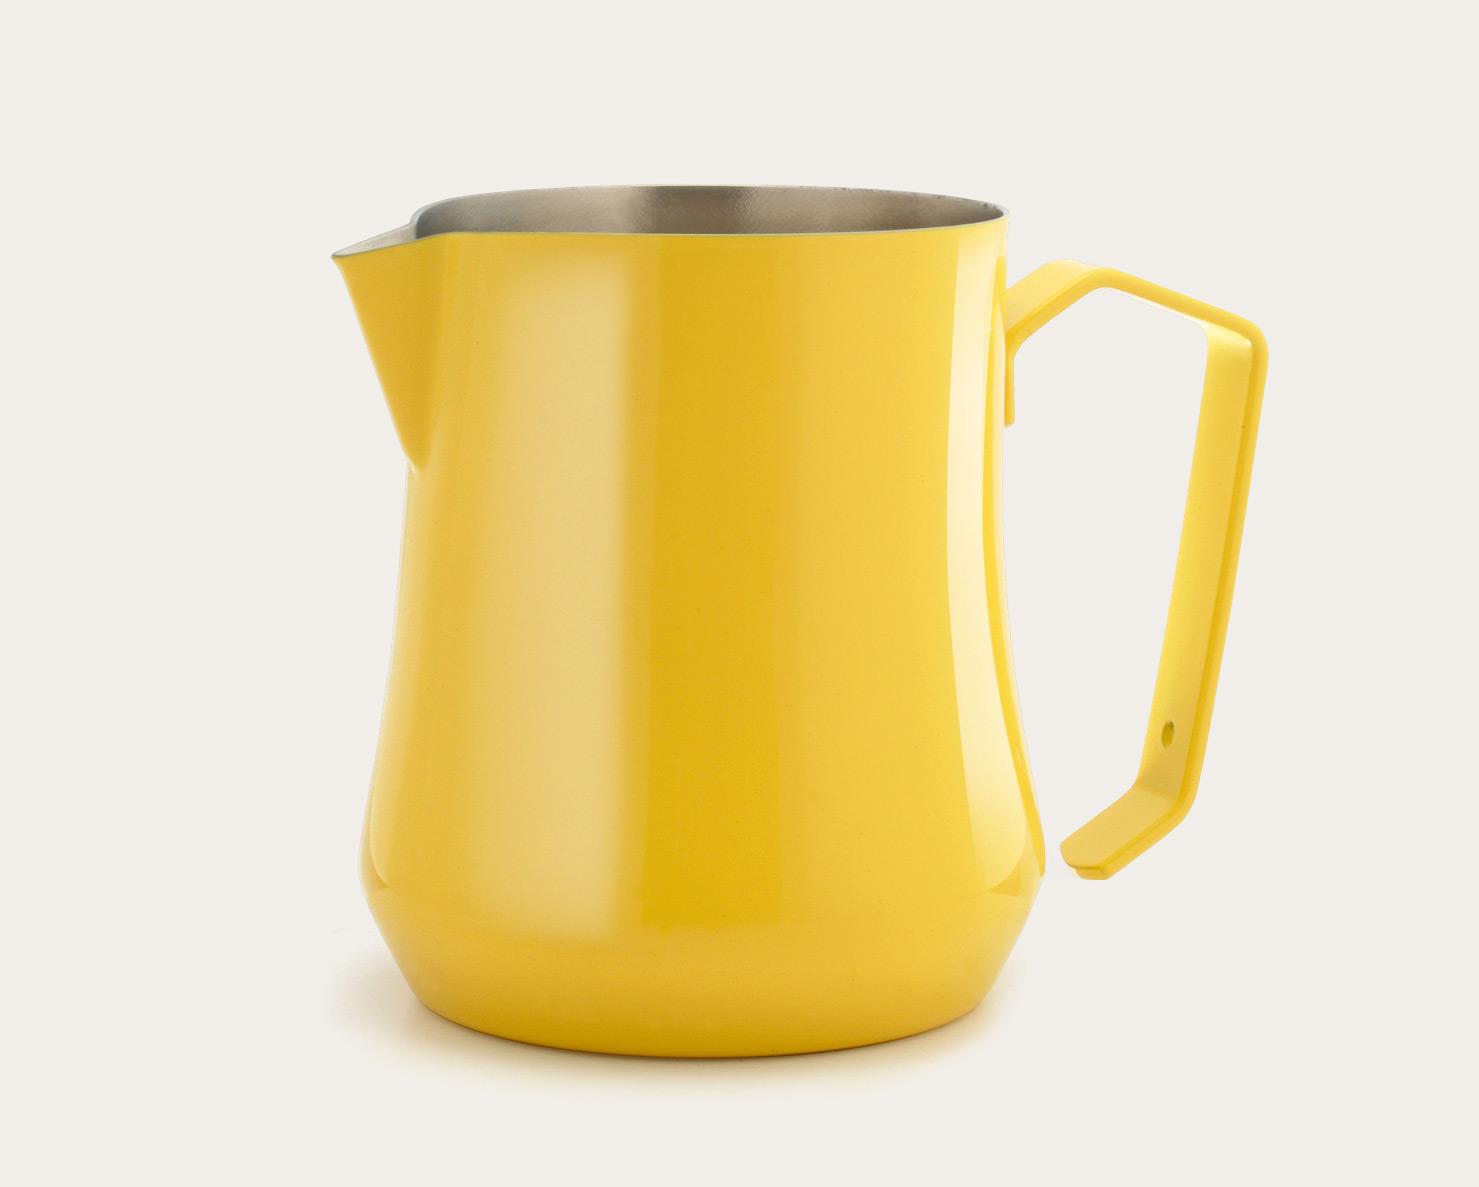 motta kanne gelb